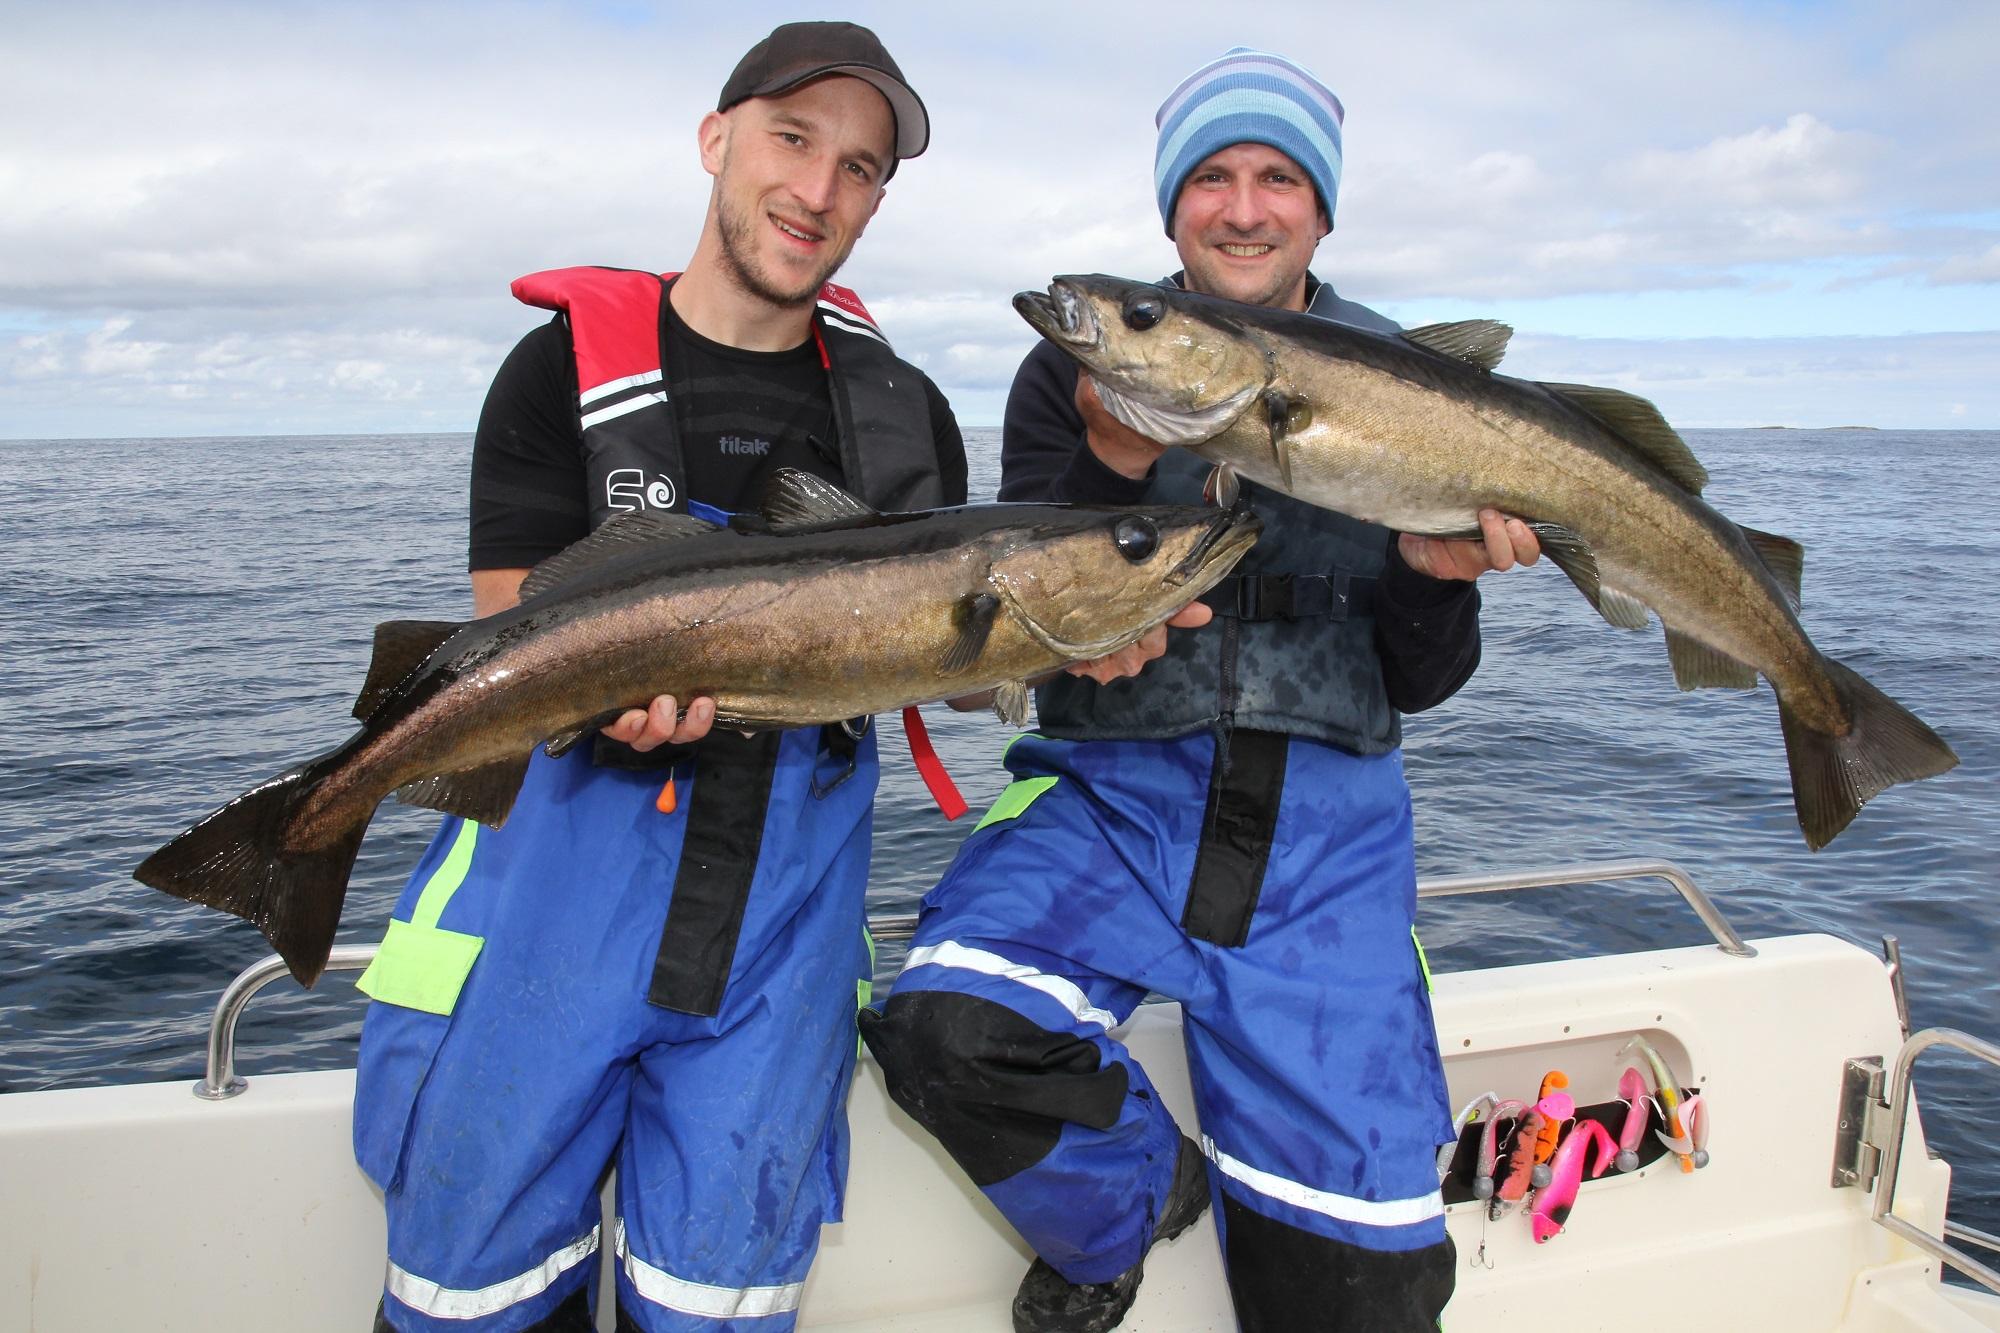 Pollacks von 80 bis 90 Zentimetern Länge sind schon echt gute Fische. Ein Pollack kommt selten alleine. Ist einer gelandet, gelangen häufig weitere Exemplare an Bord (Foto: Sebastian Boch)